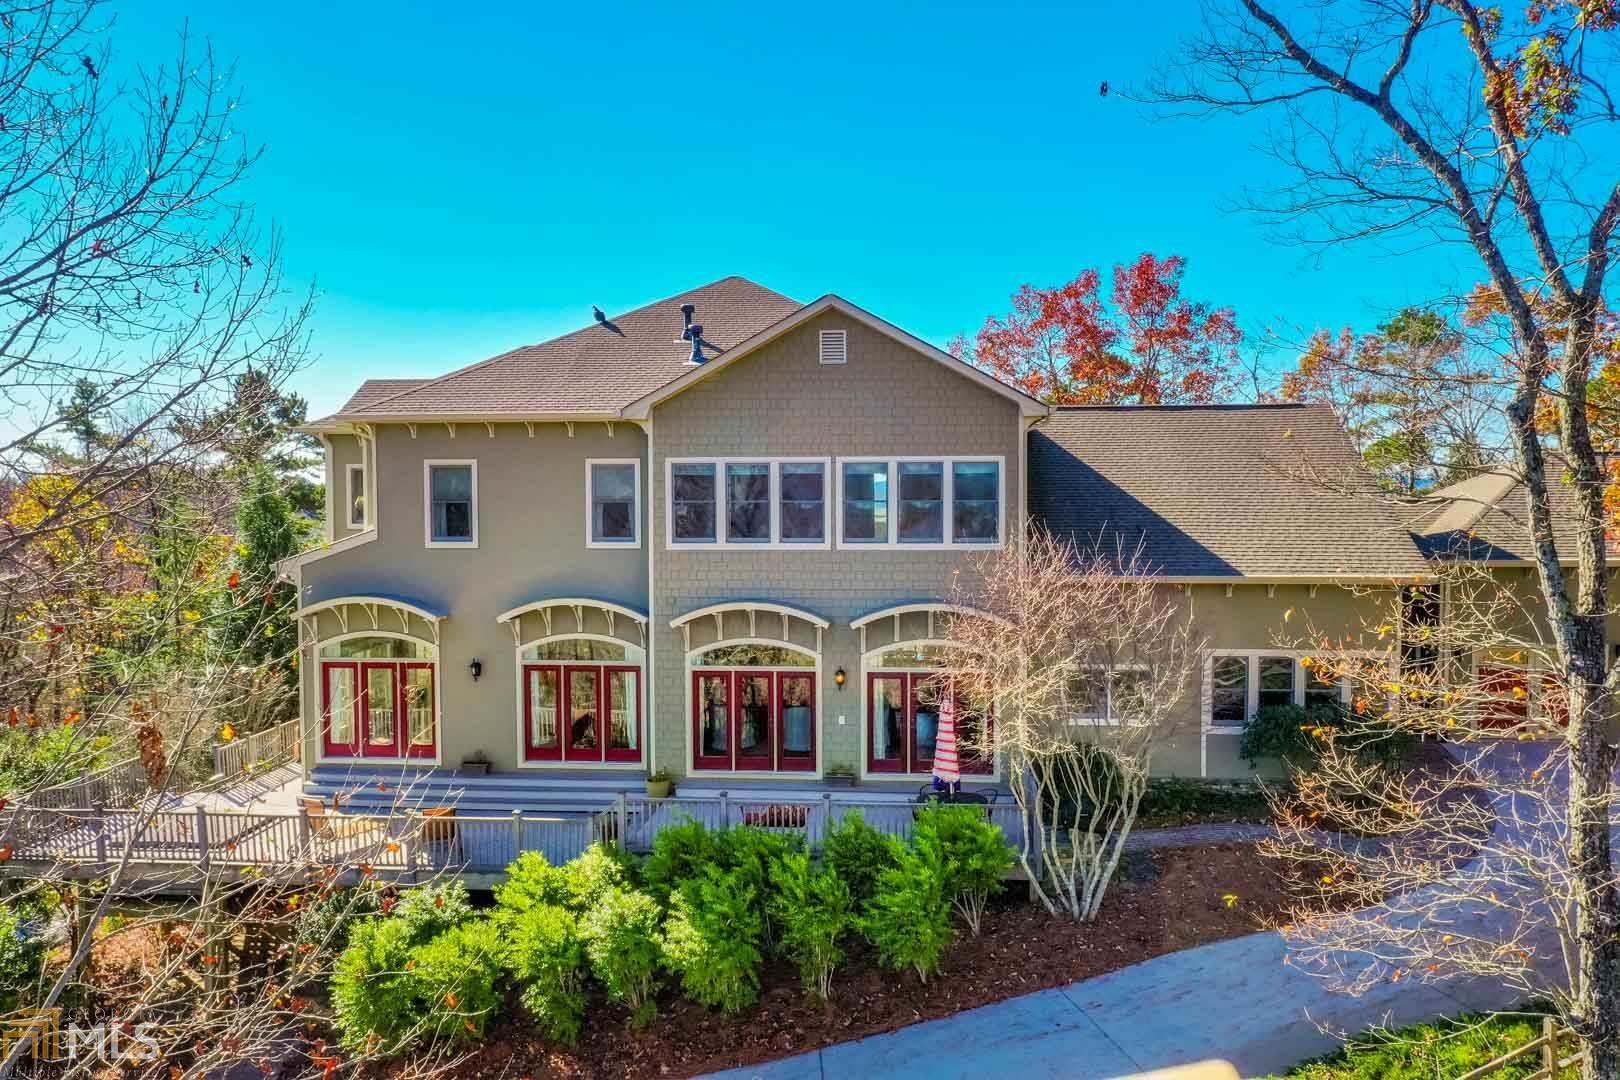 1535 Sweetwater, Clarkesville, GA 30523 - MLS#: 8892552